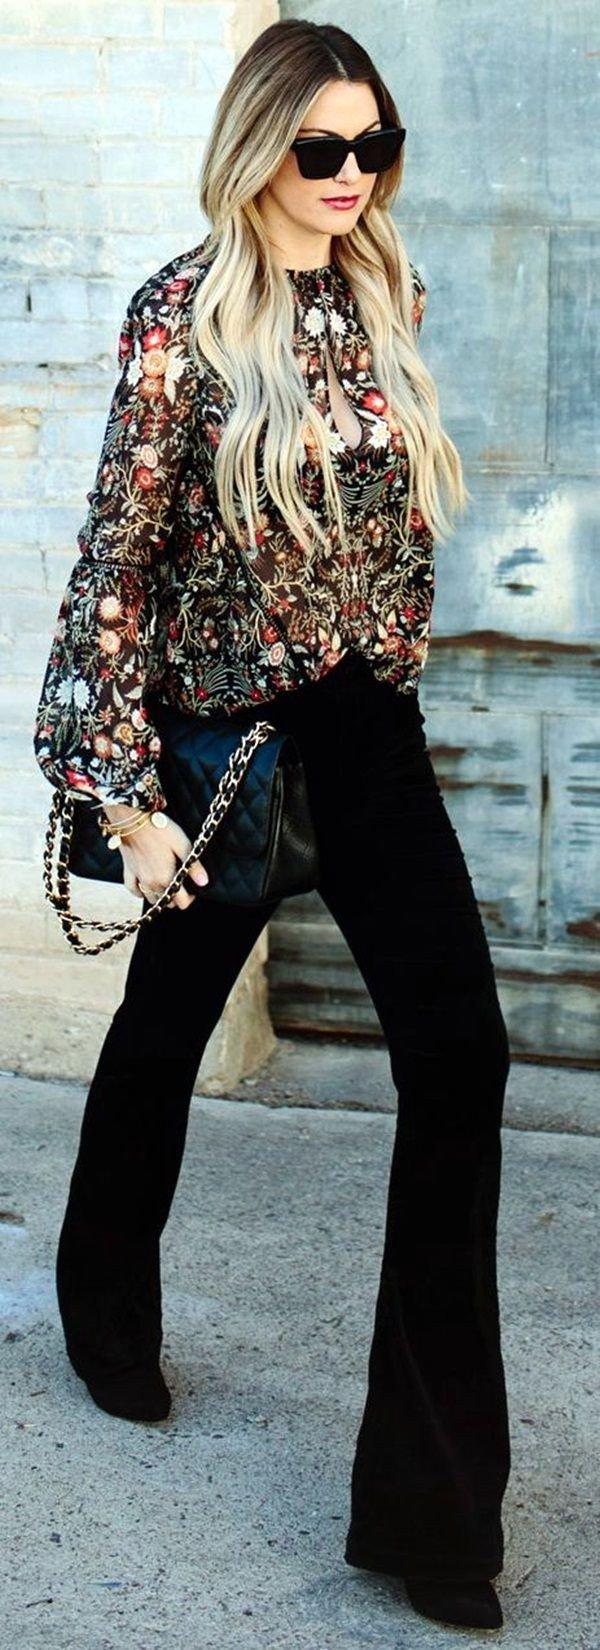 Boho, Street Style, Fall Fashion